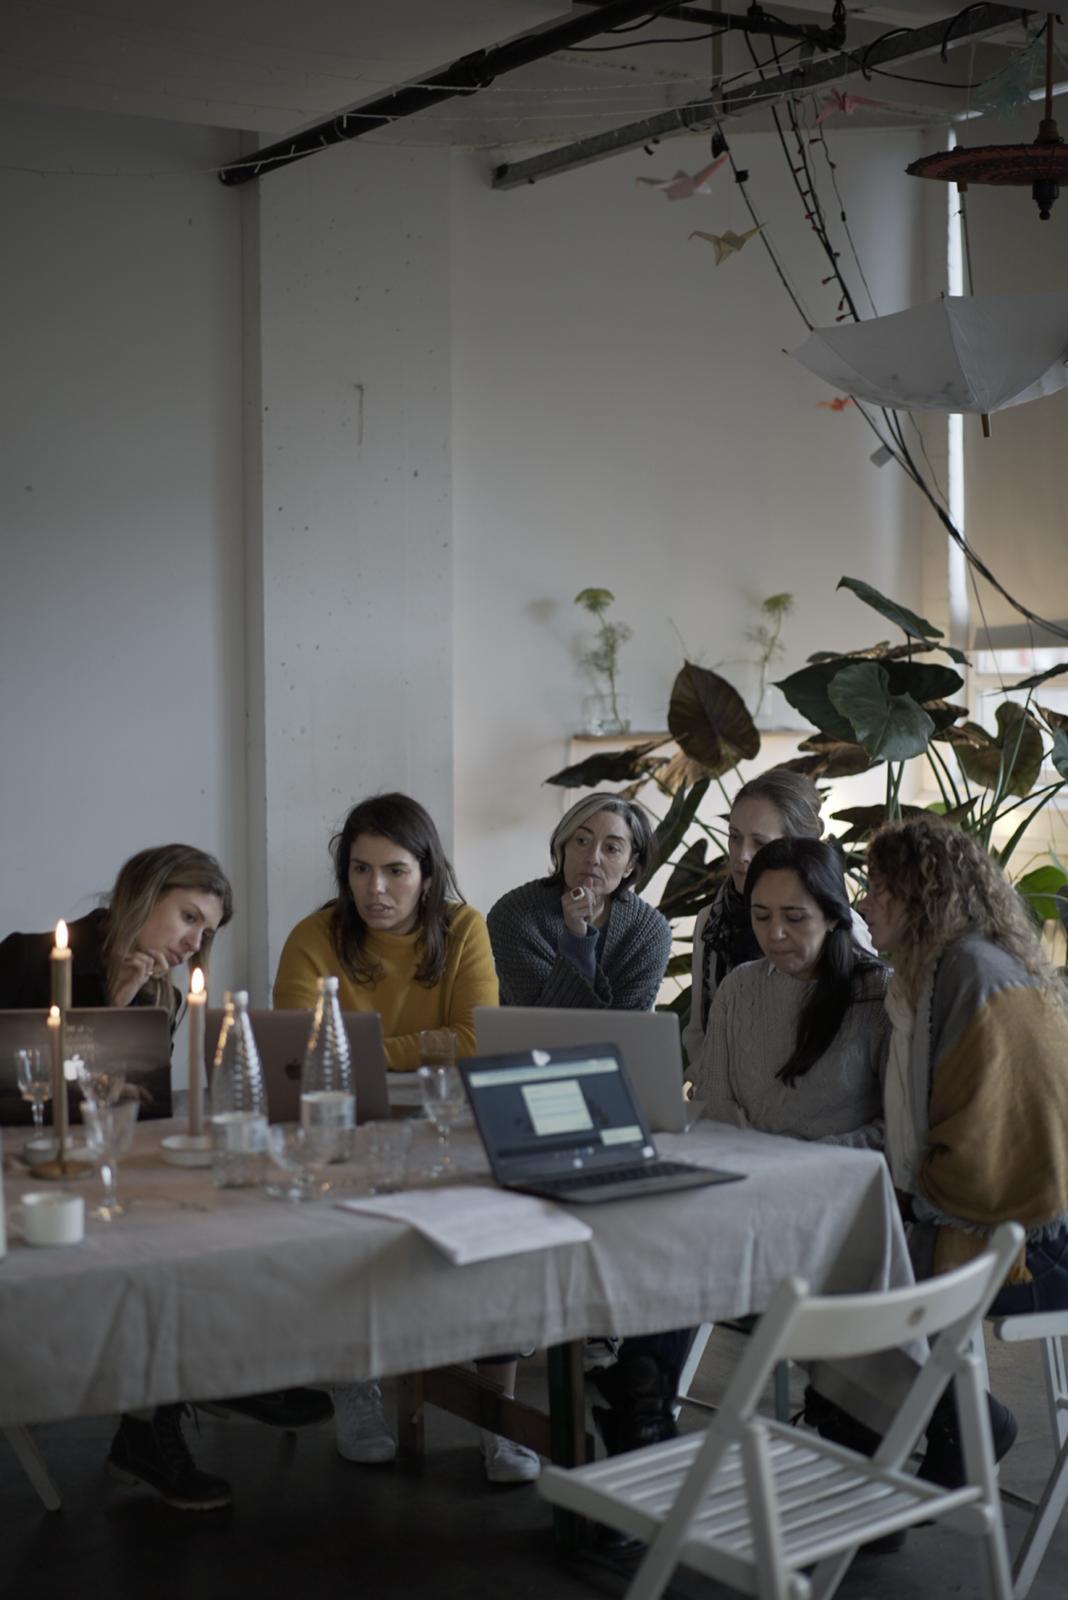 visual brandeng and social media strategy